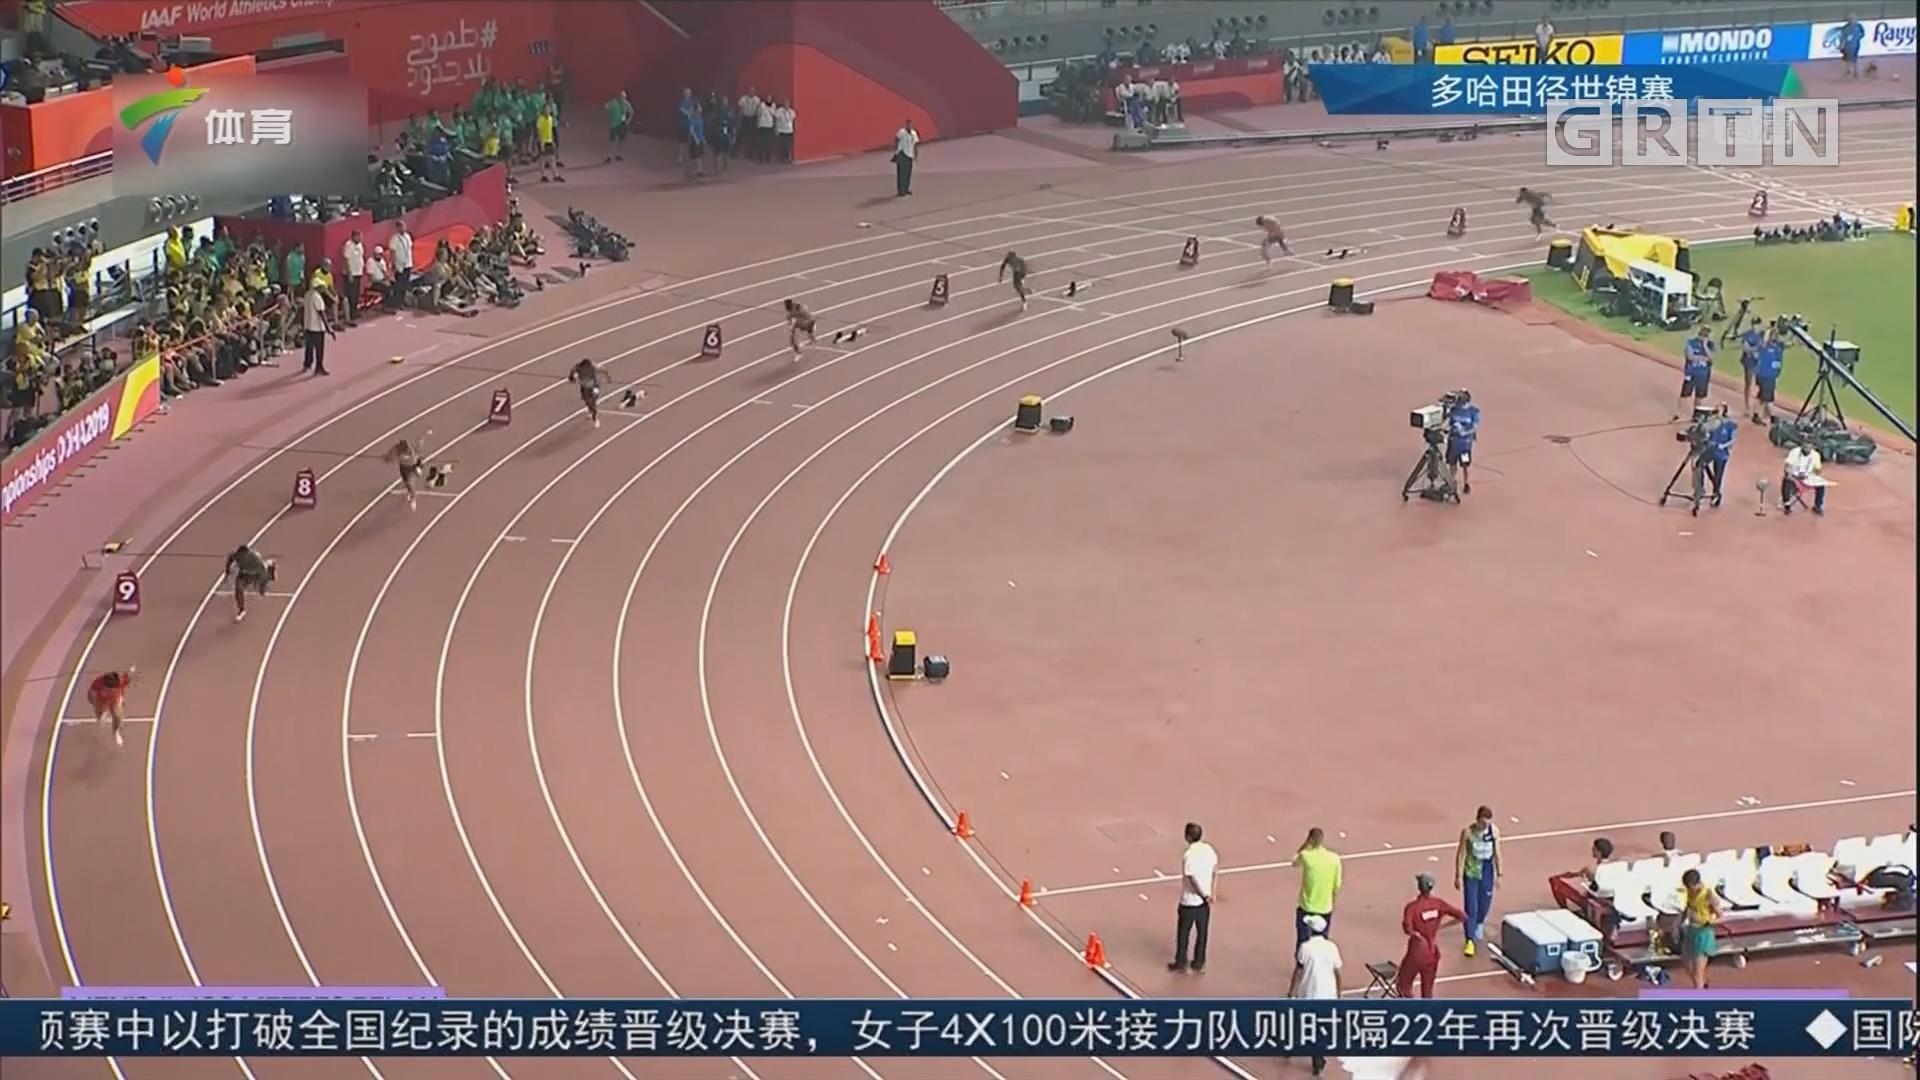 田径世锦赛 中国男子4X100接力挺进决赛